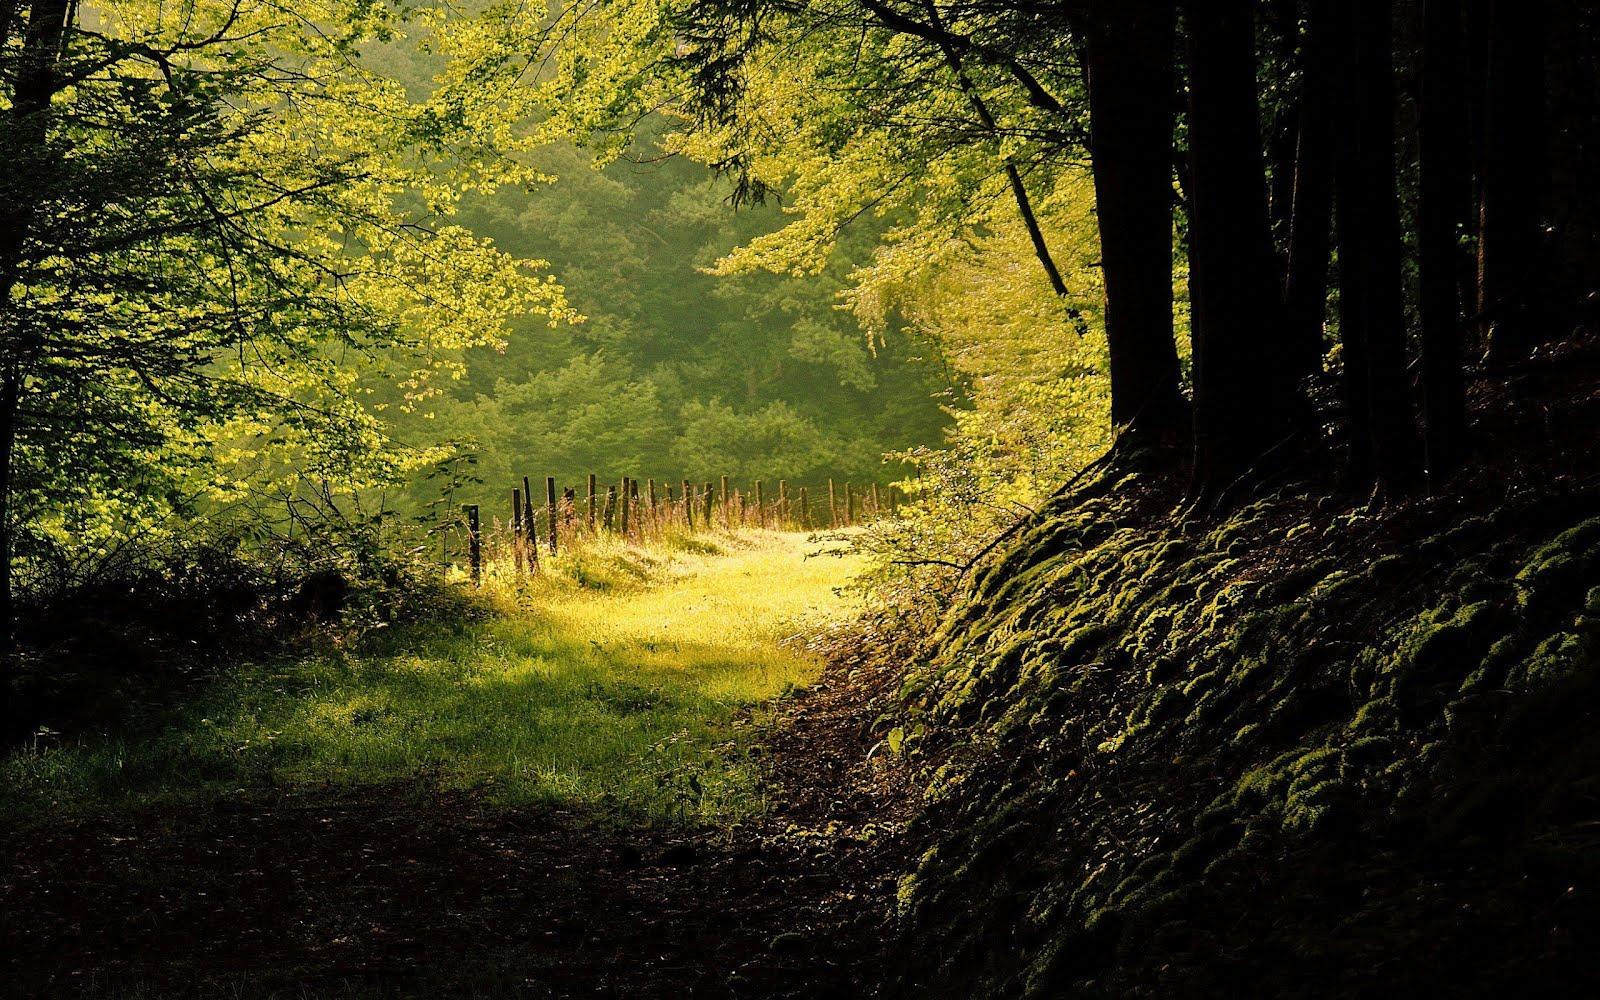 banco de im genes 10 fotograf as del bosque lugares para respirar aire puro. Black Bedroom Furniture Sets. Home Design Ideas